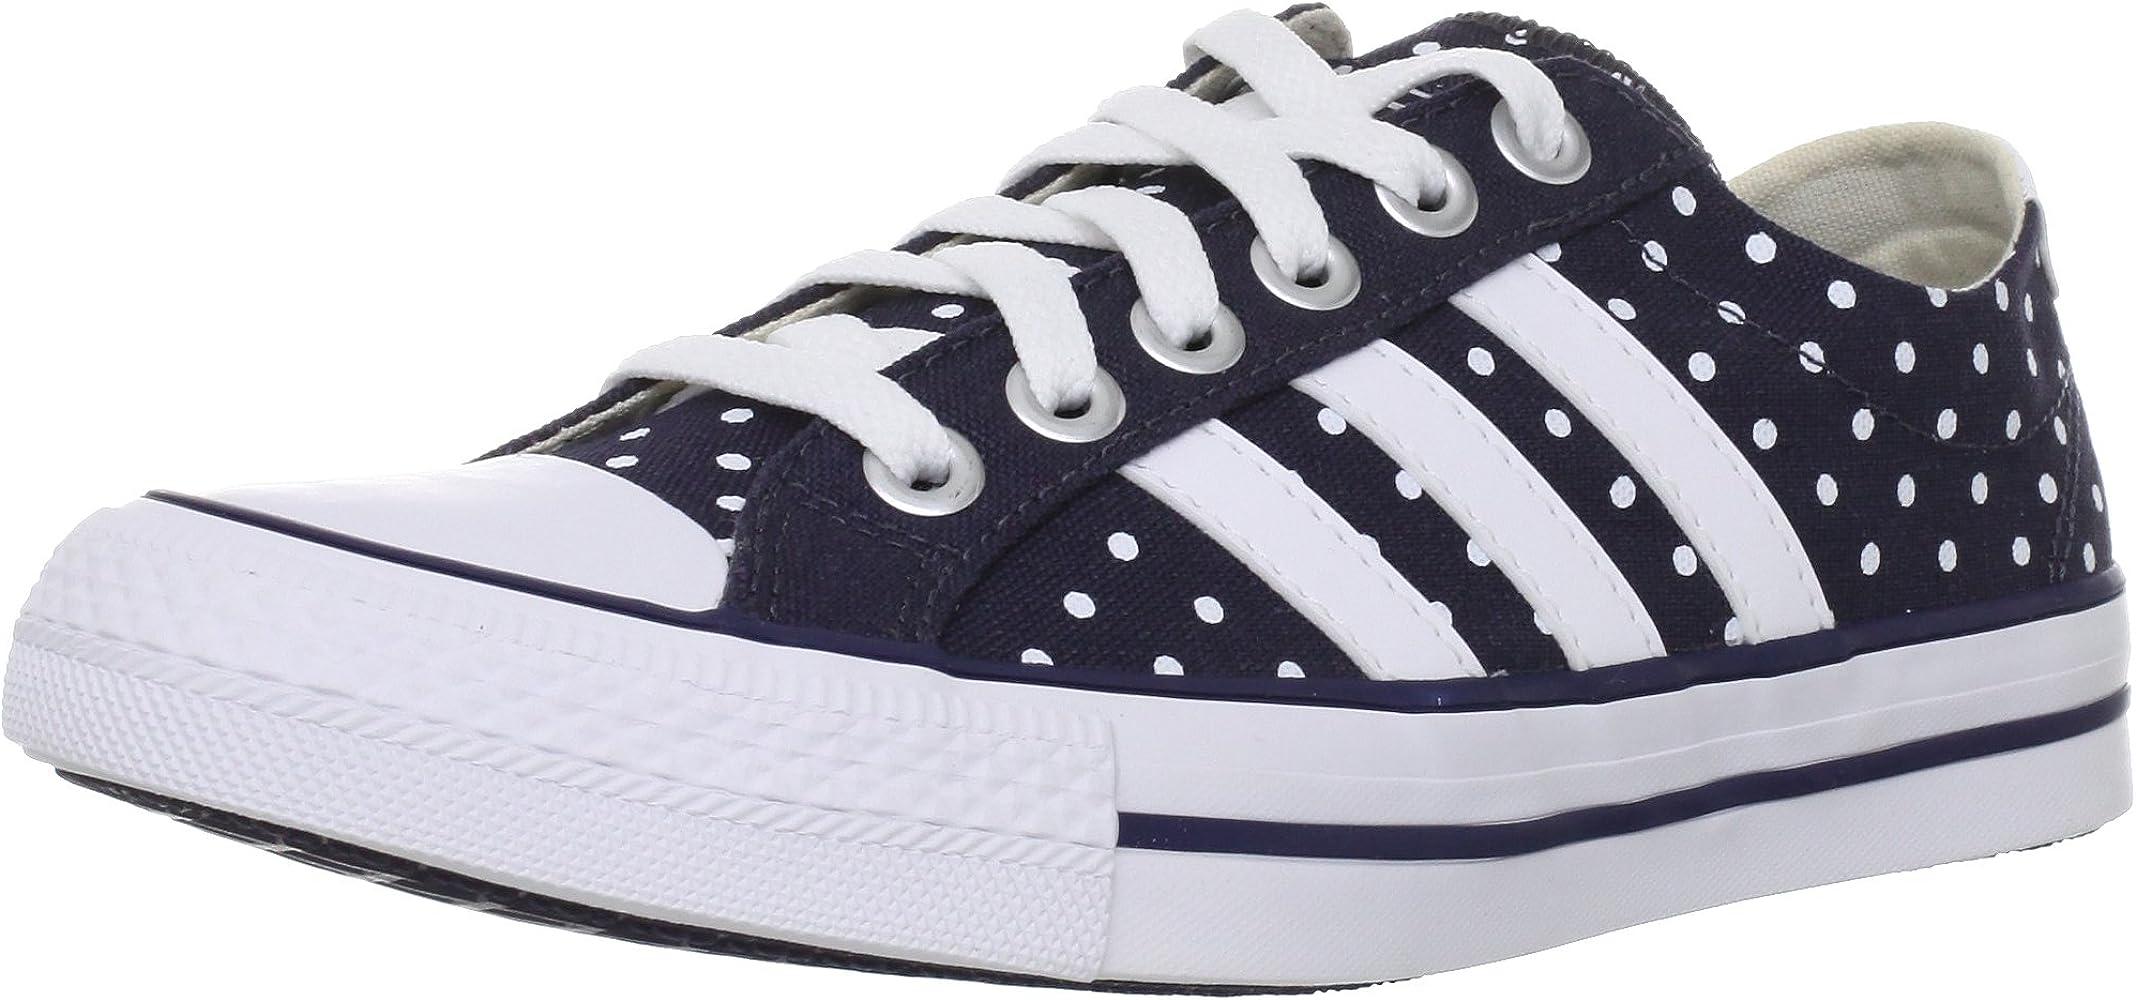 adidas zapatillas lunares